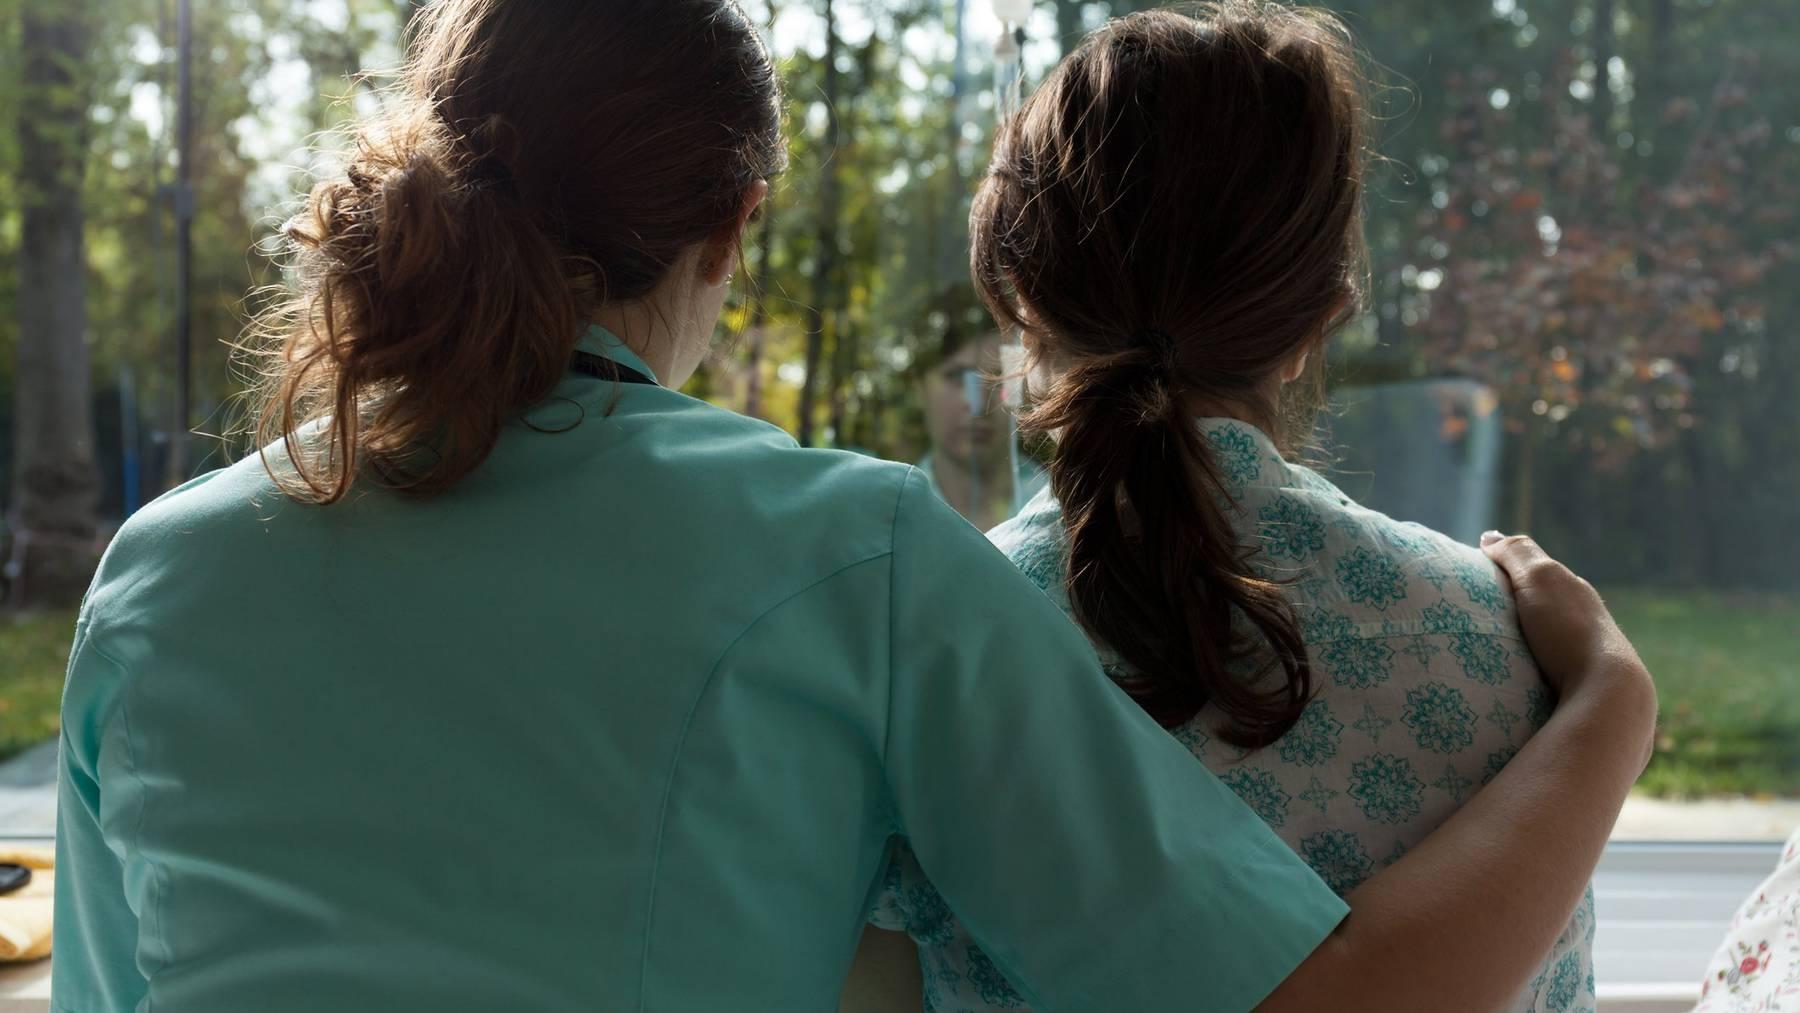 Marlen Schneider hat durch ihre Stammzellenspende ein Leben gerettet. (Symbolbild)